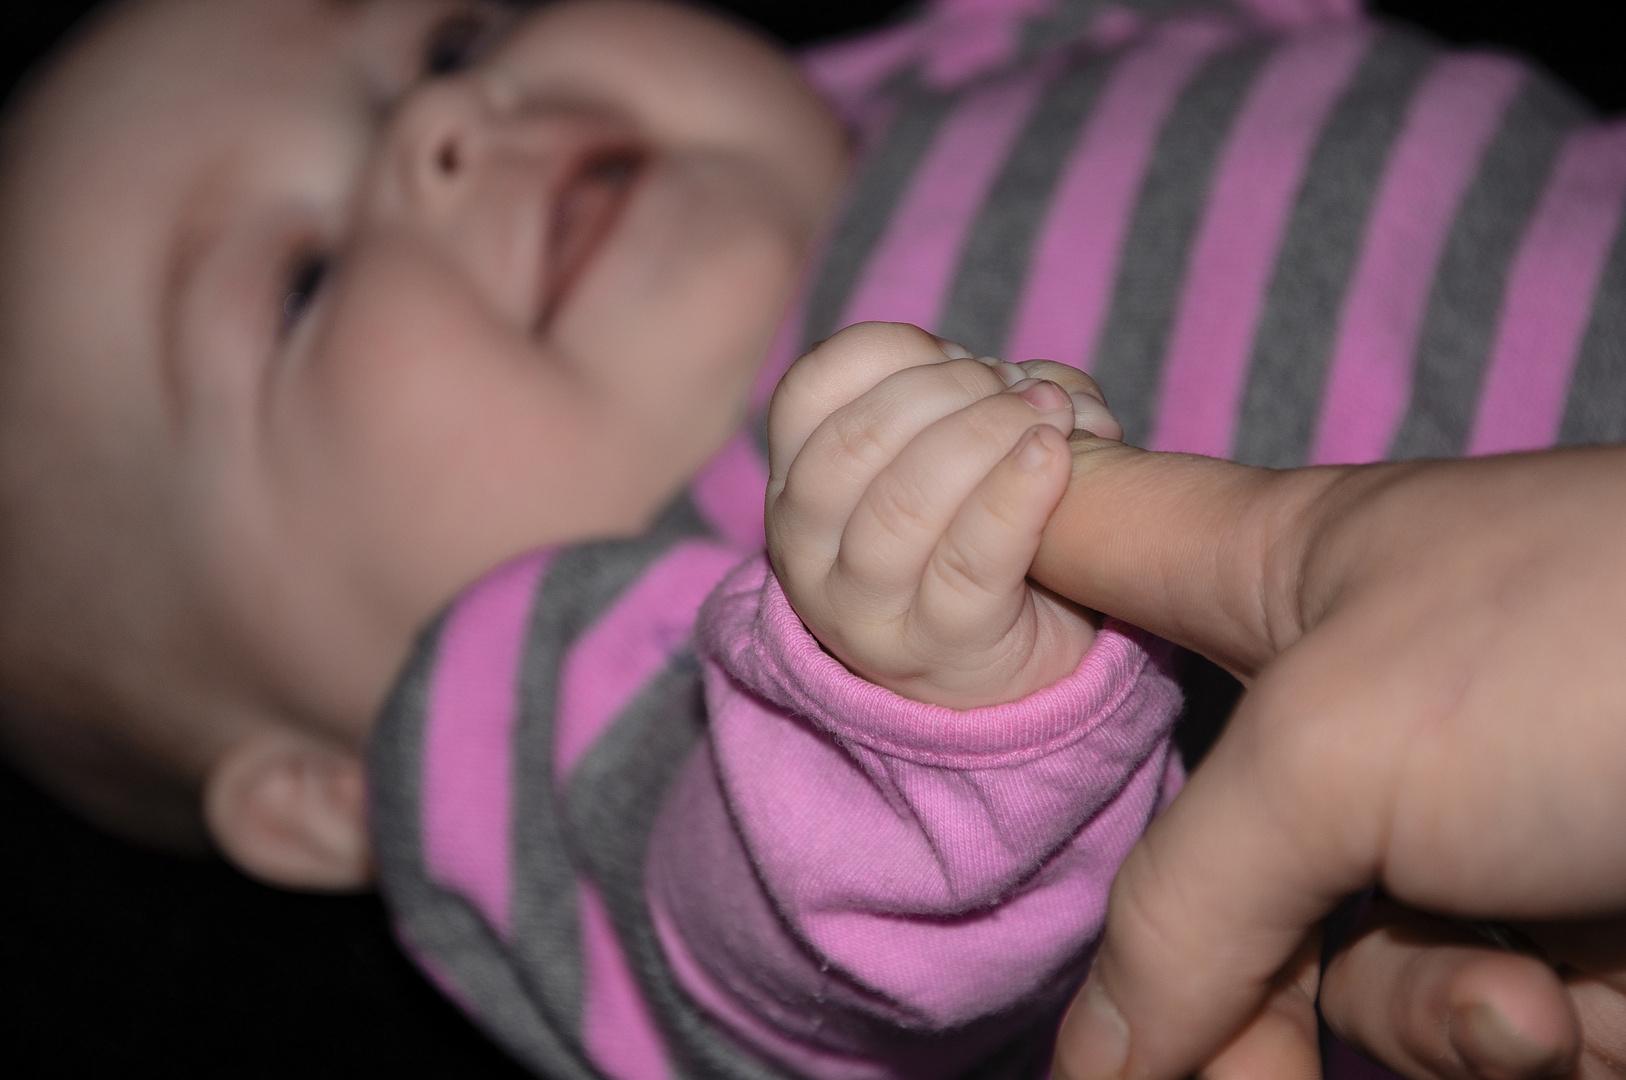 Grosser Finger - kleine Hand